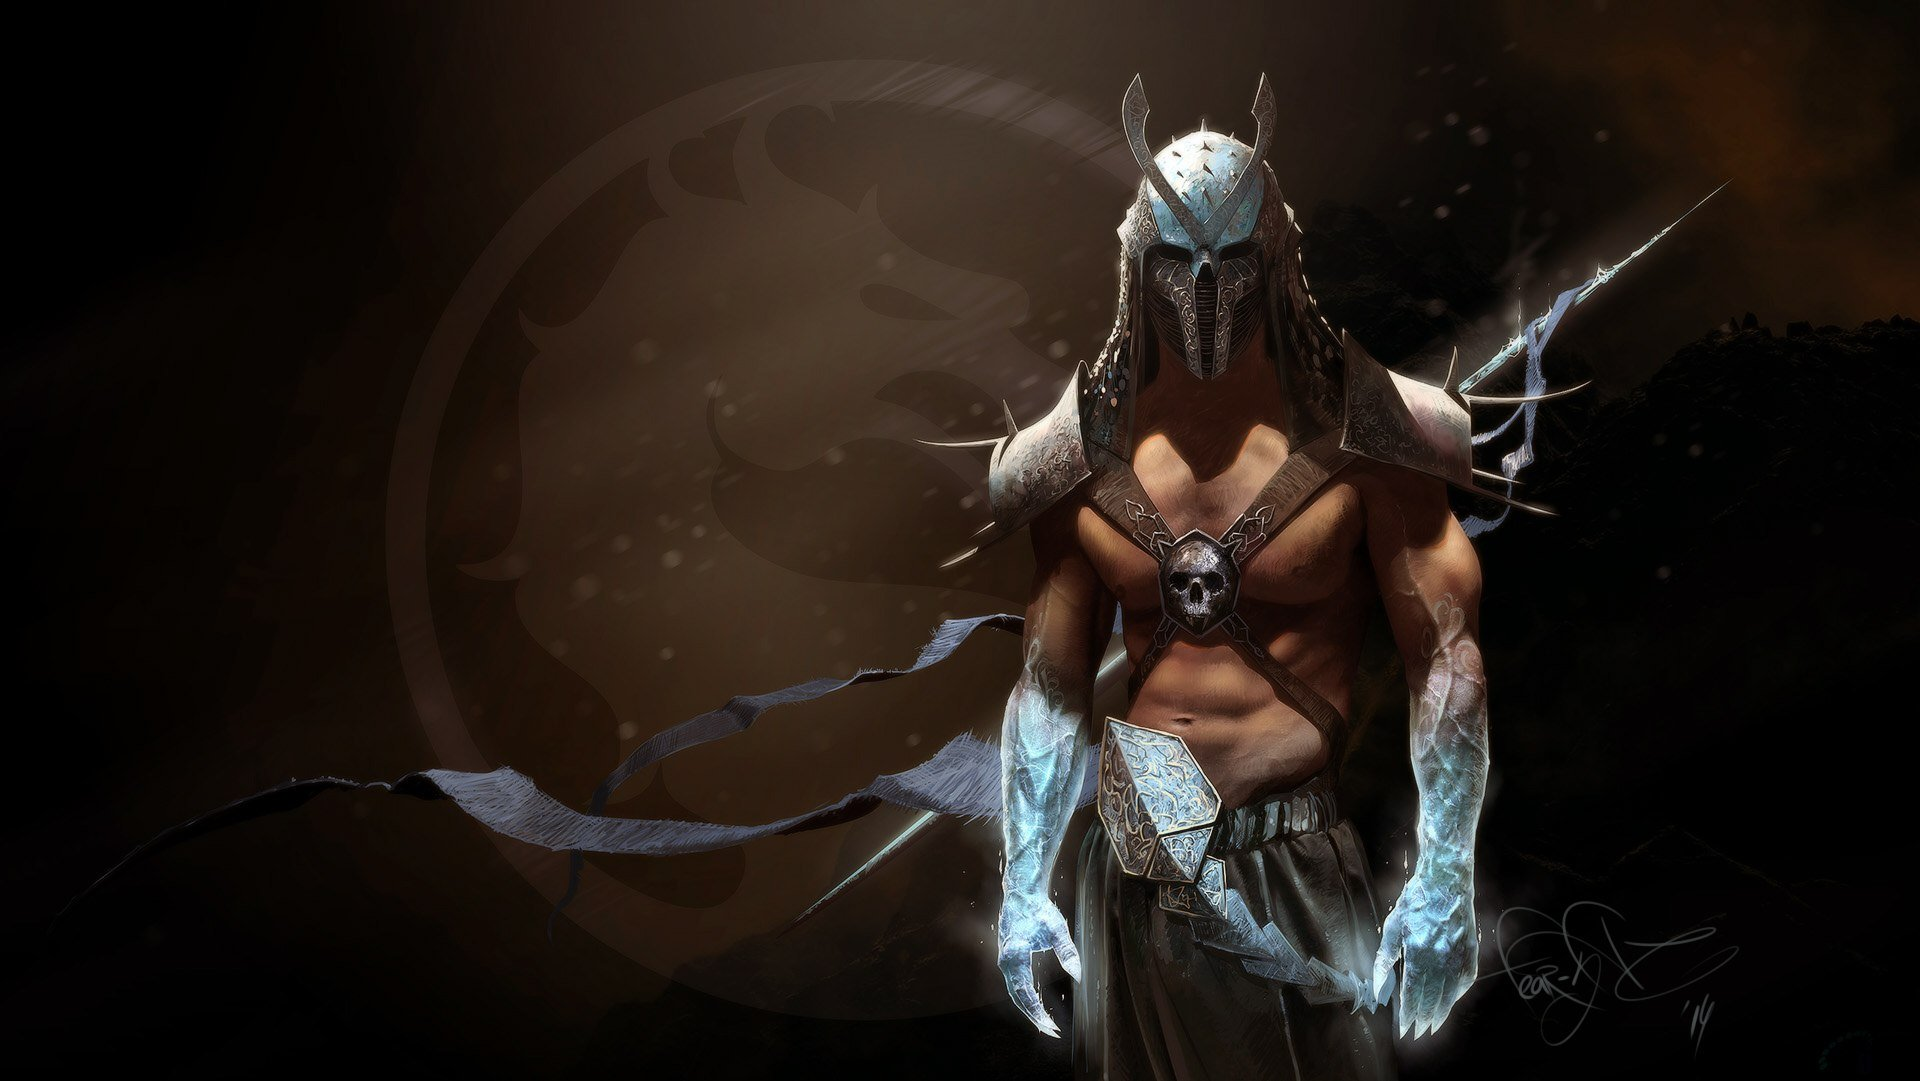 Art-Подборка Mortal Кombat. - Изображение 4